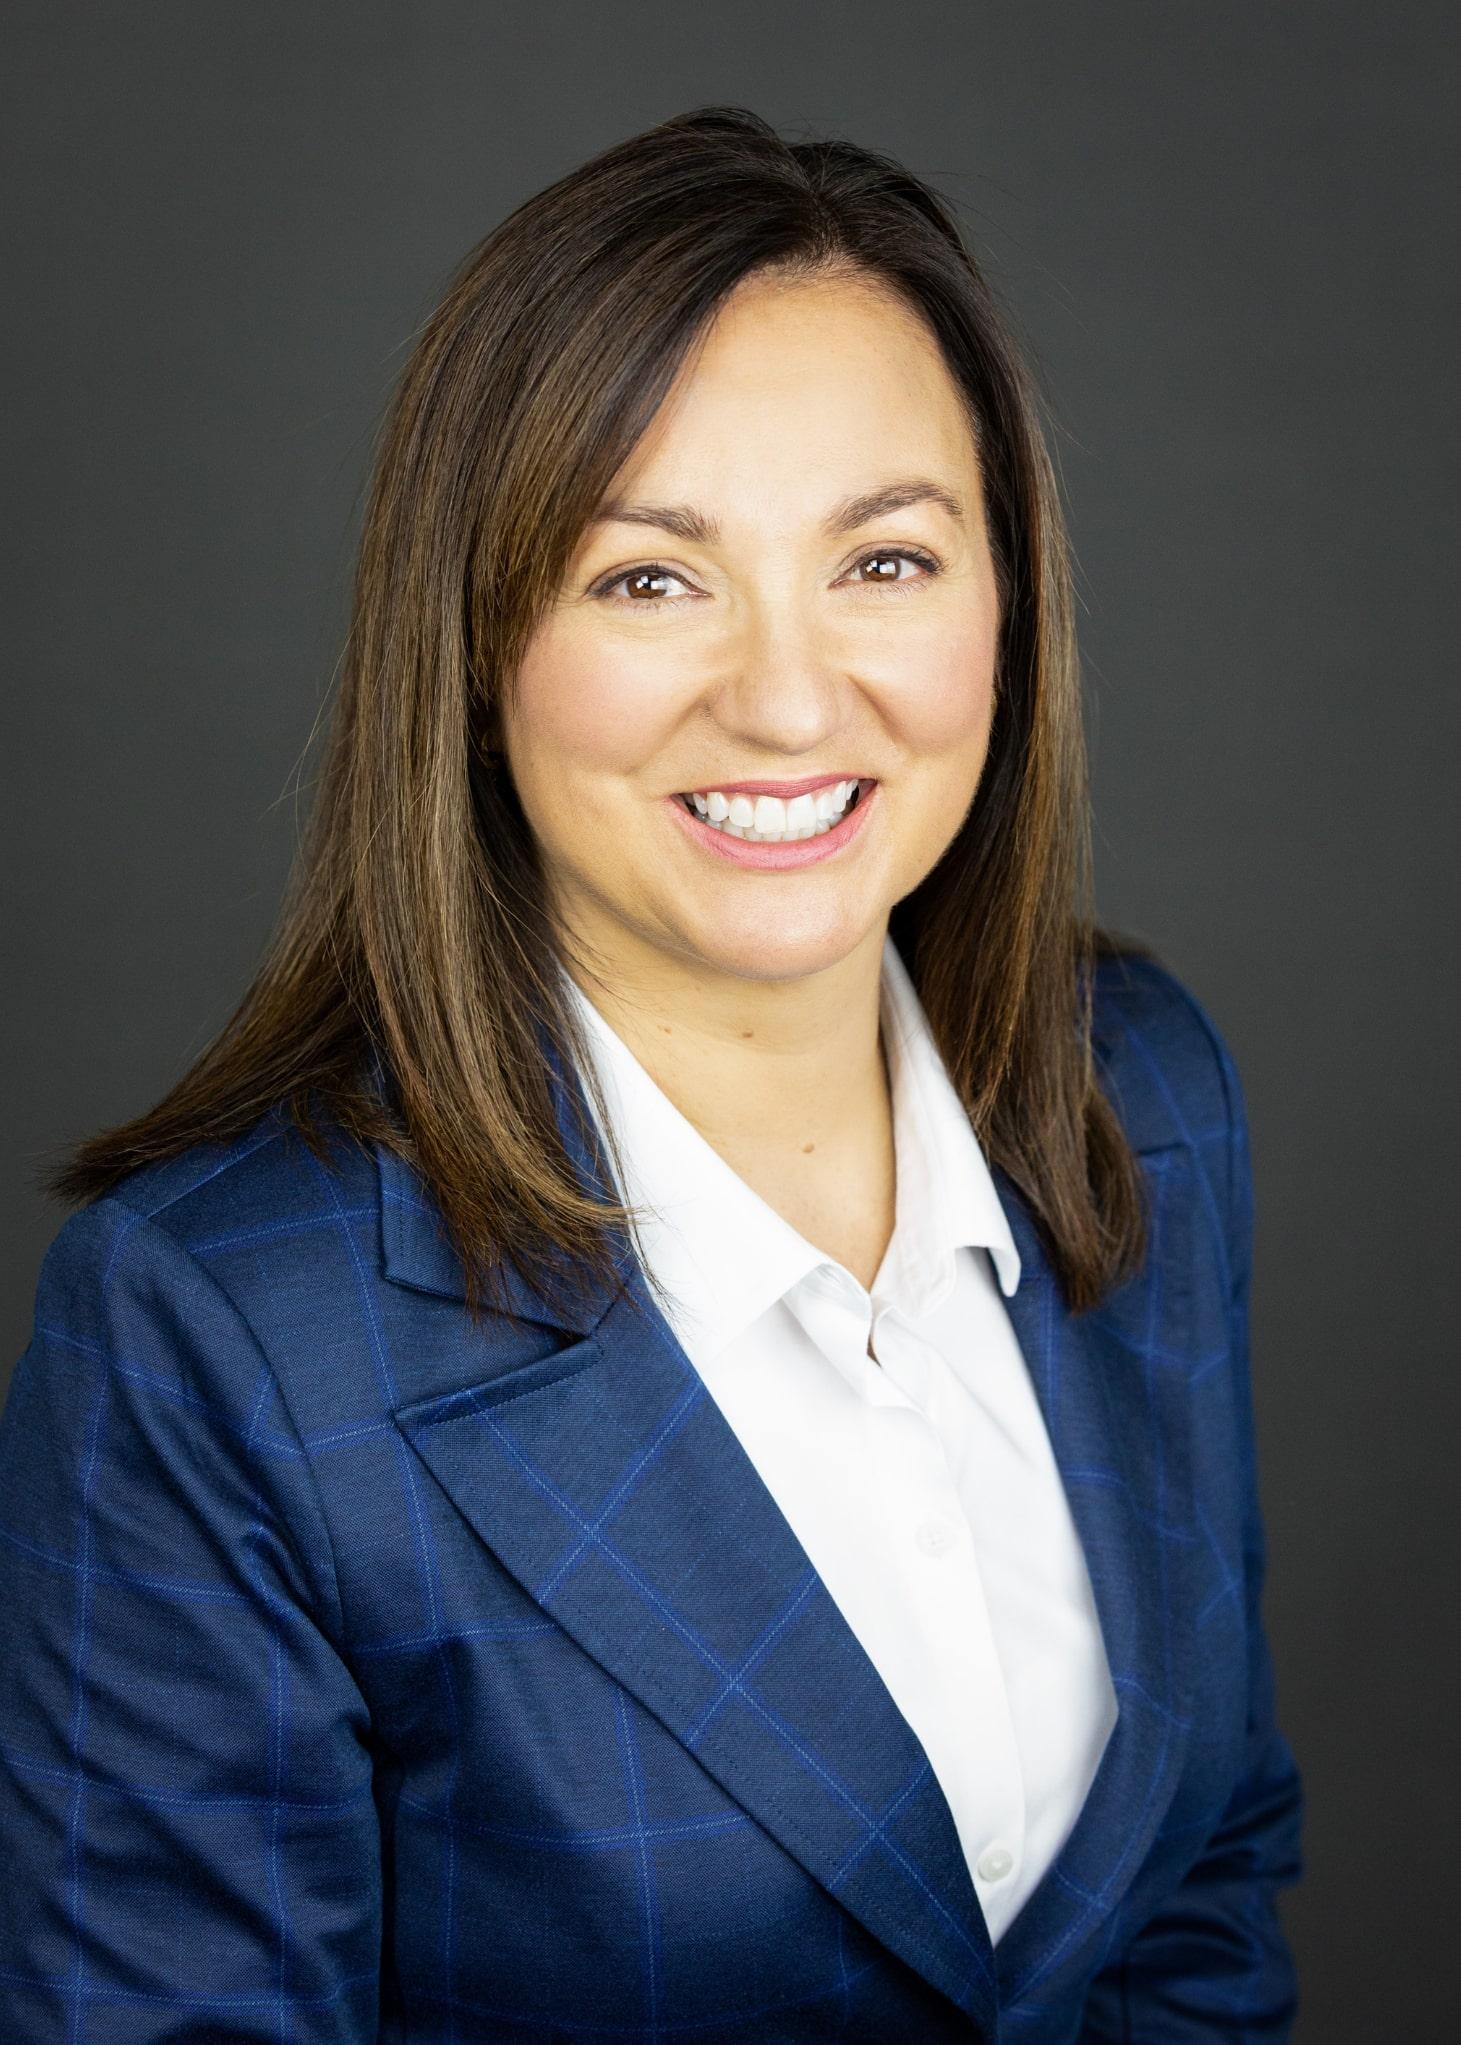 Irene Echenique, Realtor, Whibdey Island, Coupeville, Whibey, Agent, Real Estate, Washington, Windermere